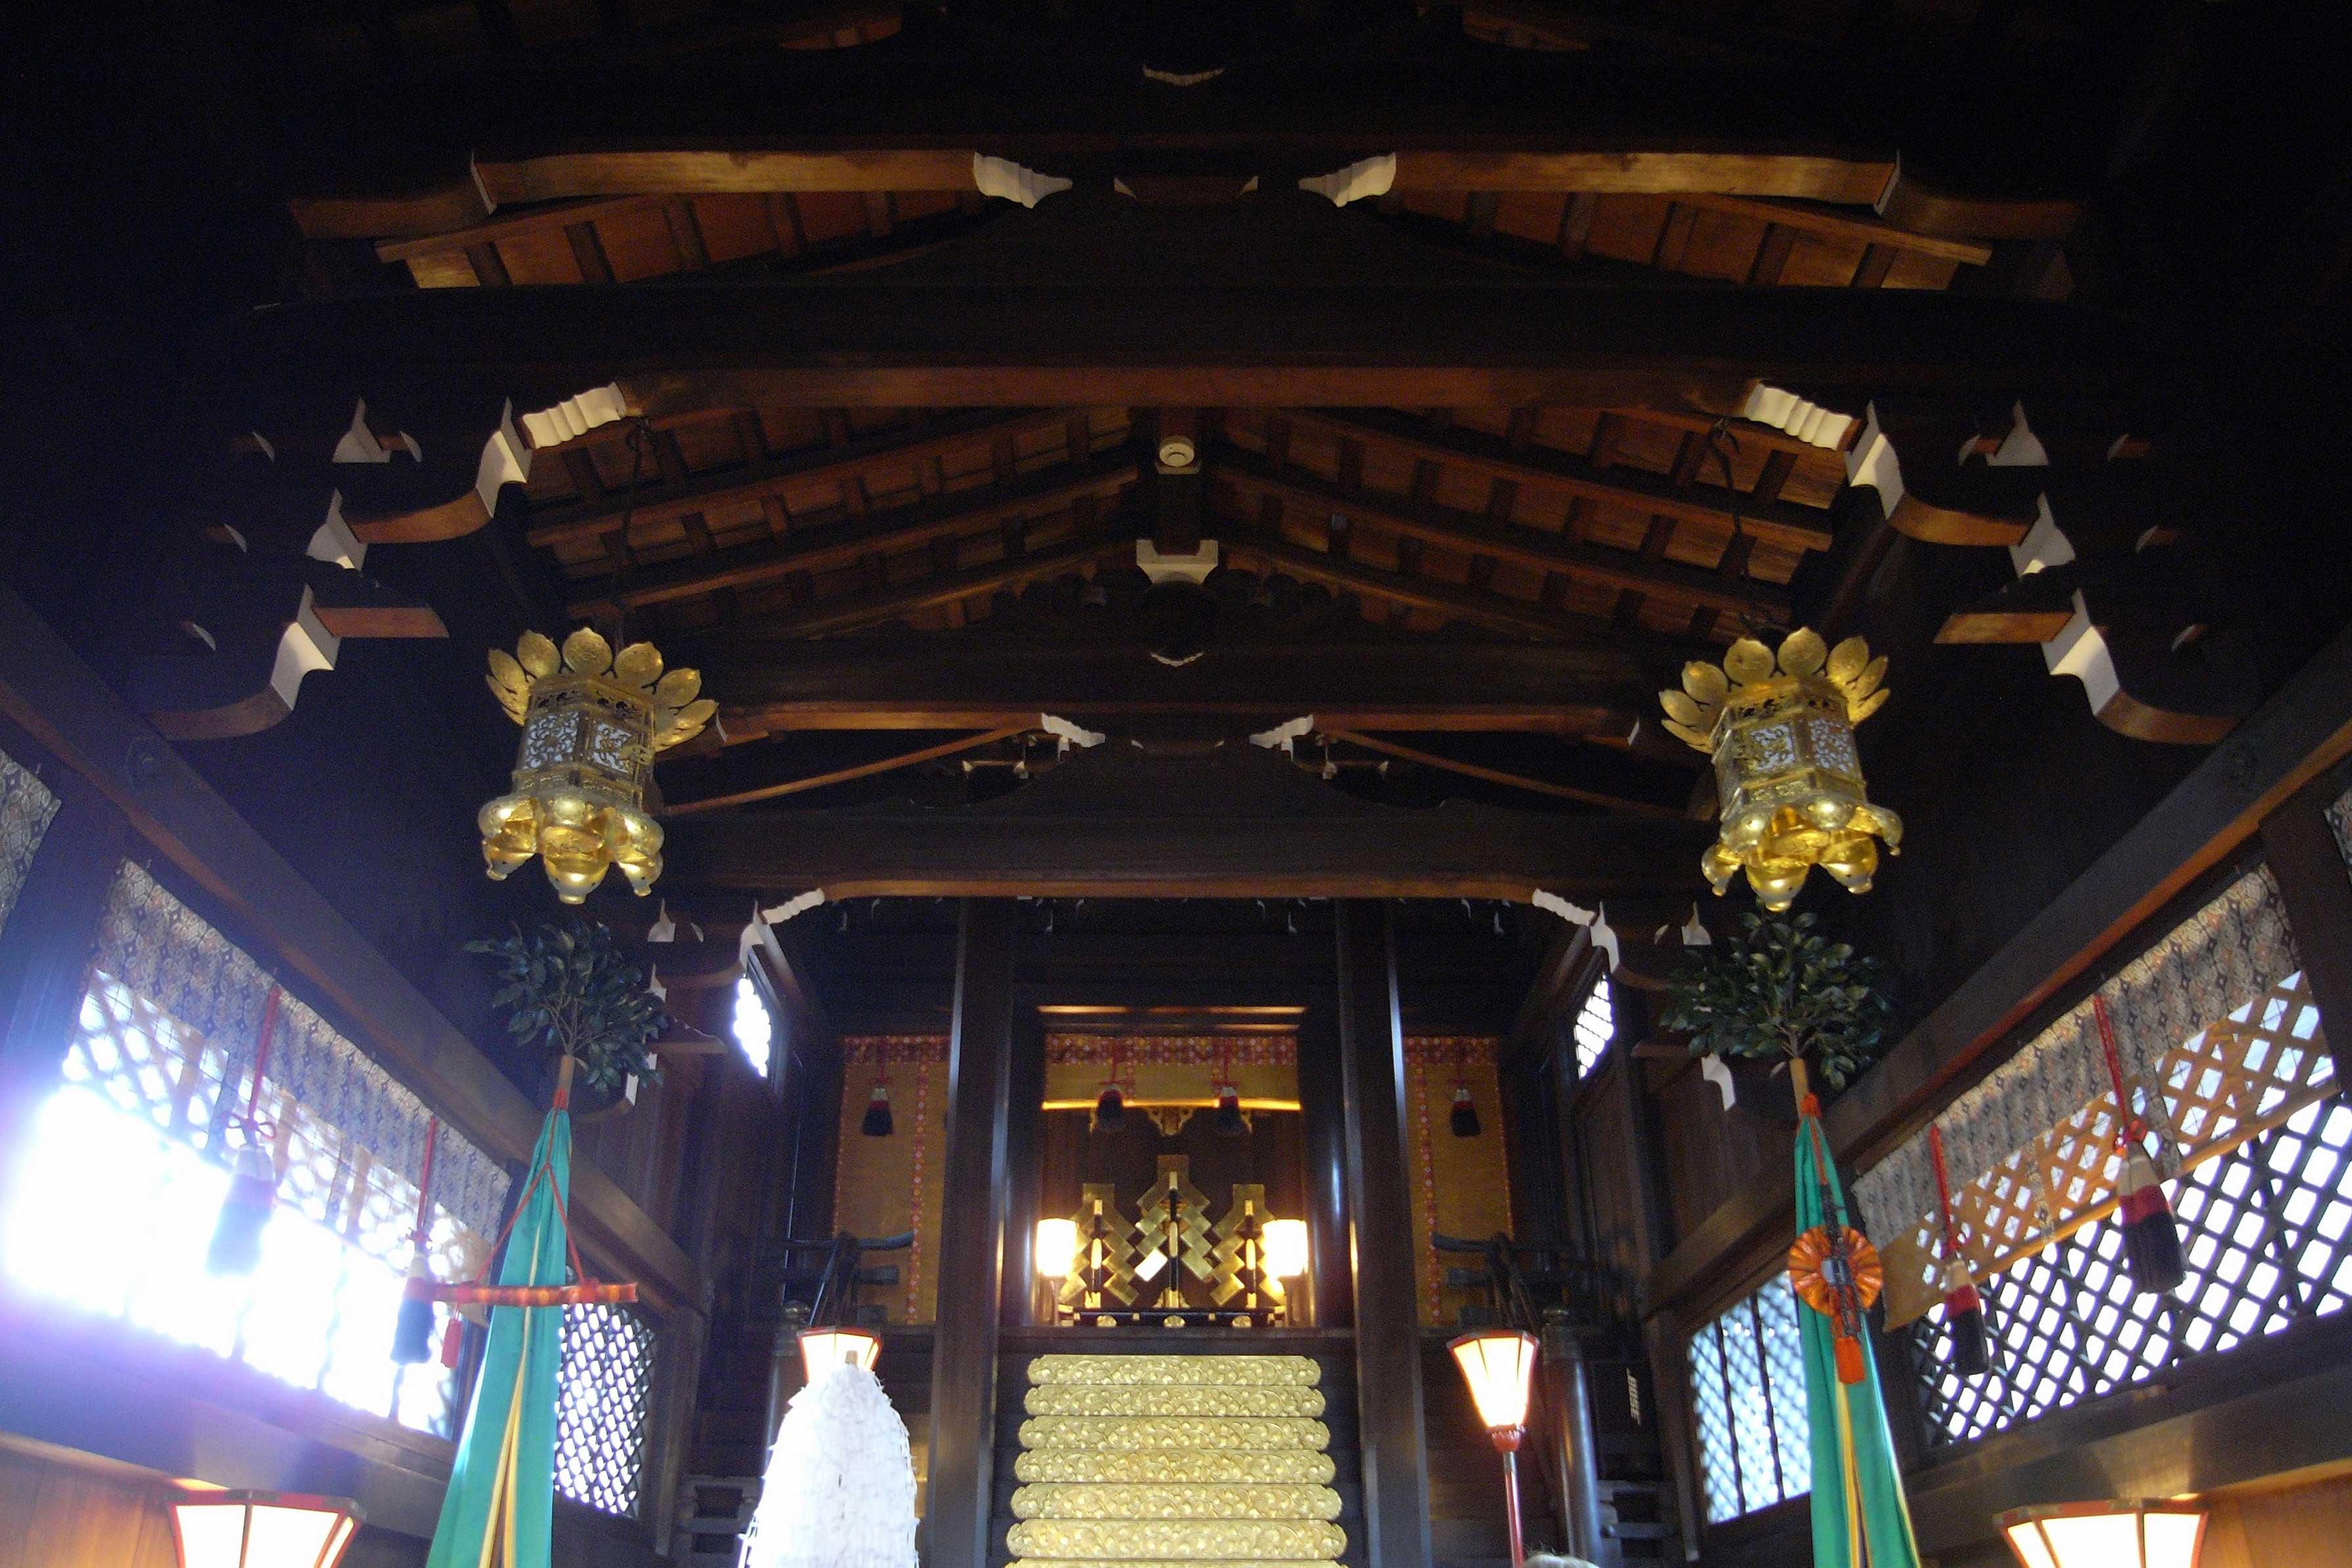 <p>内部見上げ</p>木舞下地の化粧屋根裏とし、上下2段の虹梁を渡した架構